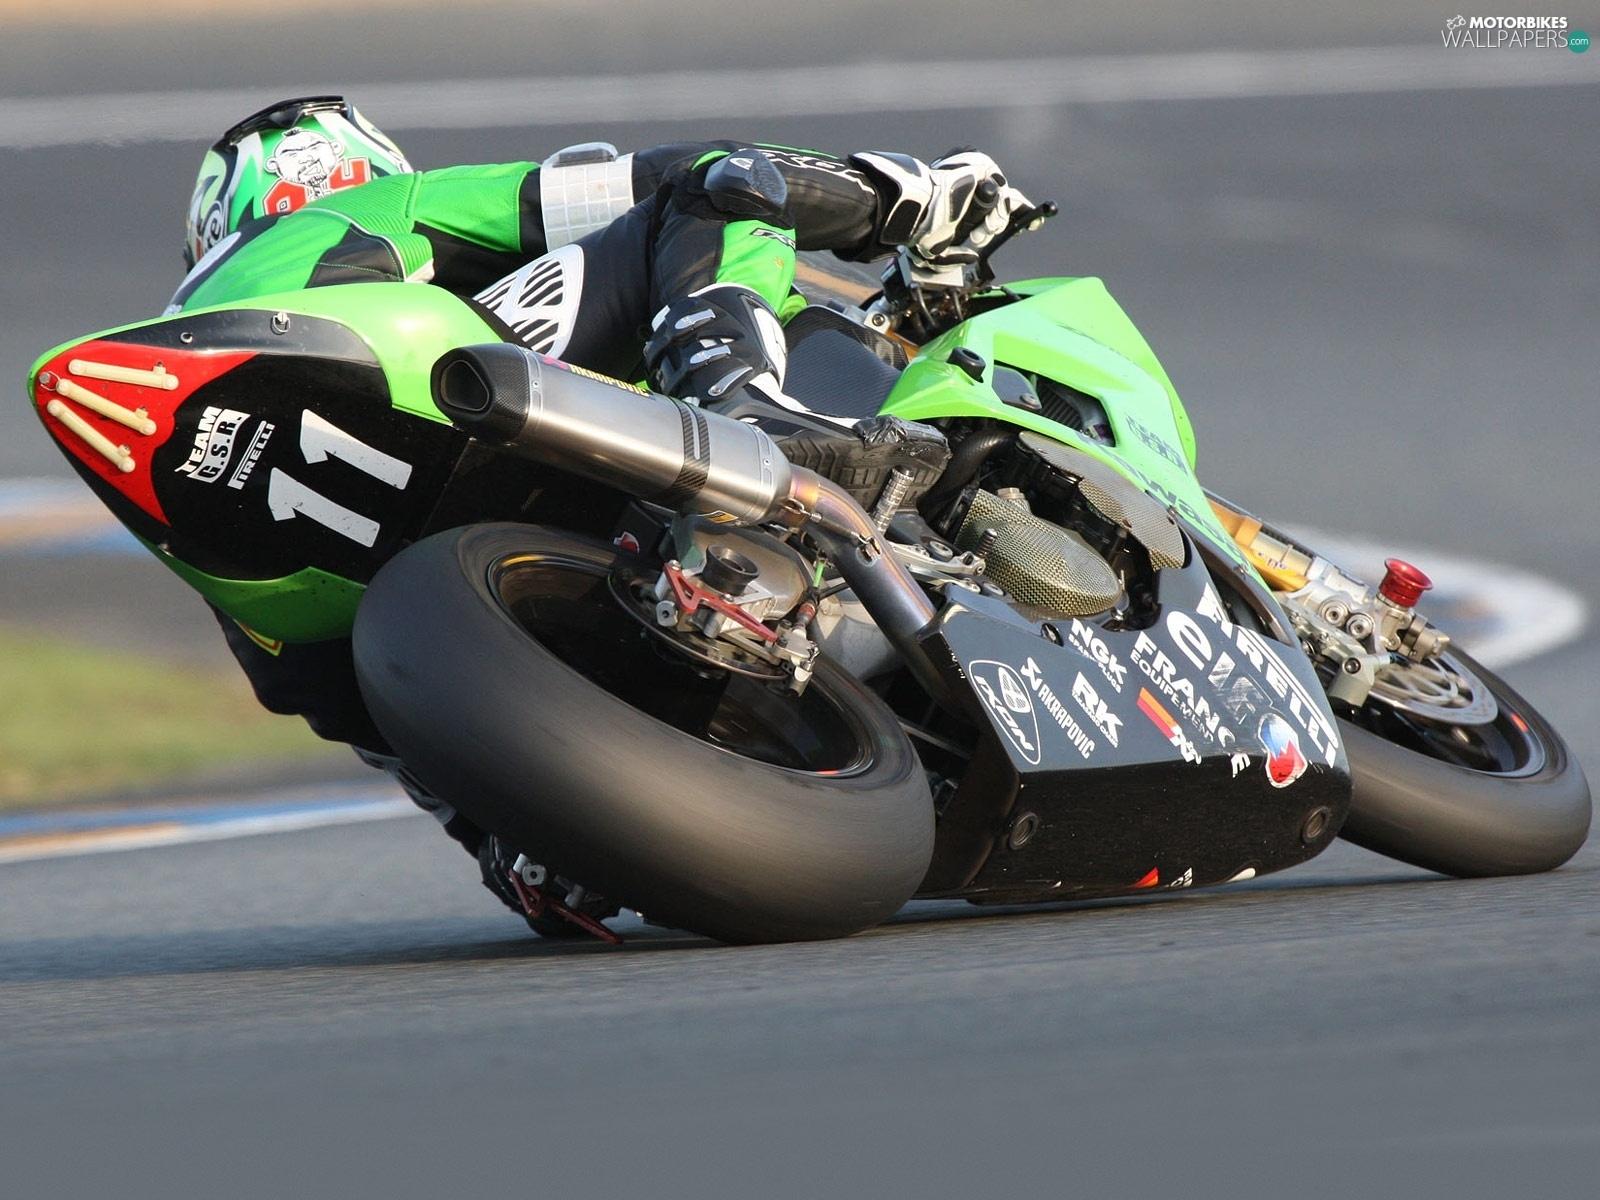 Track, Kawasaki Ninja ZX-10R, tires - Motorbikes